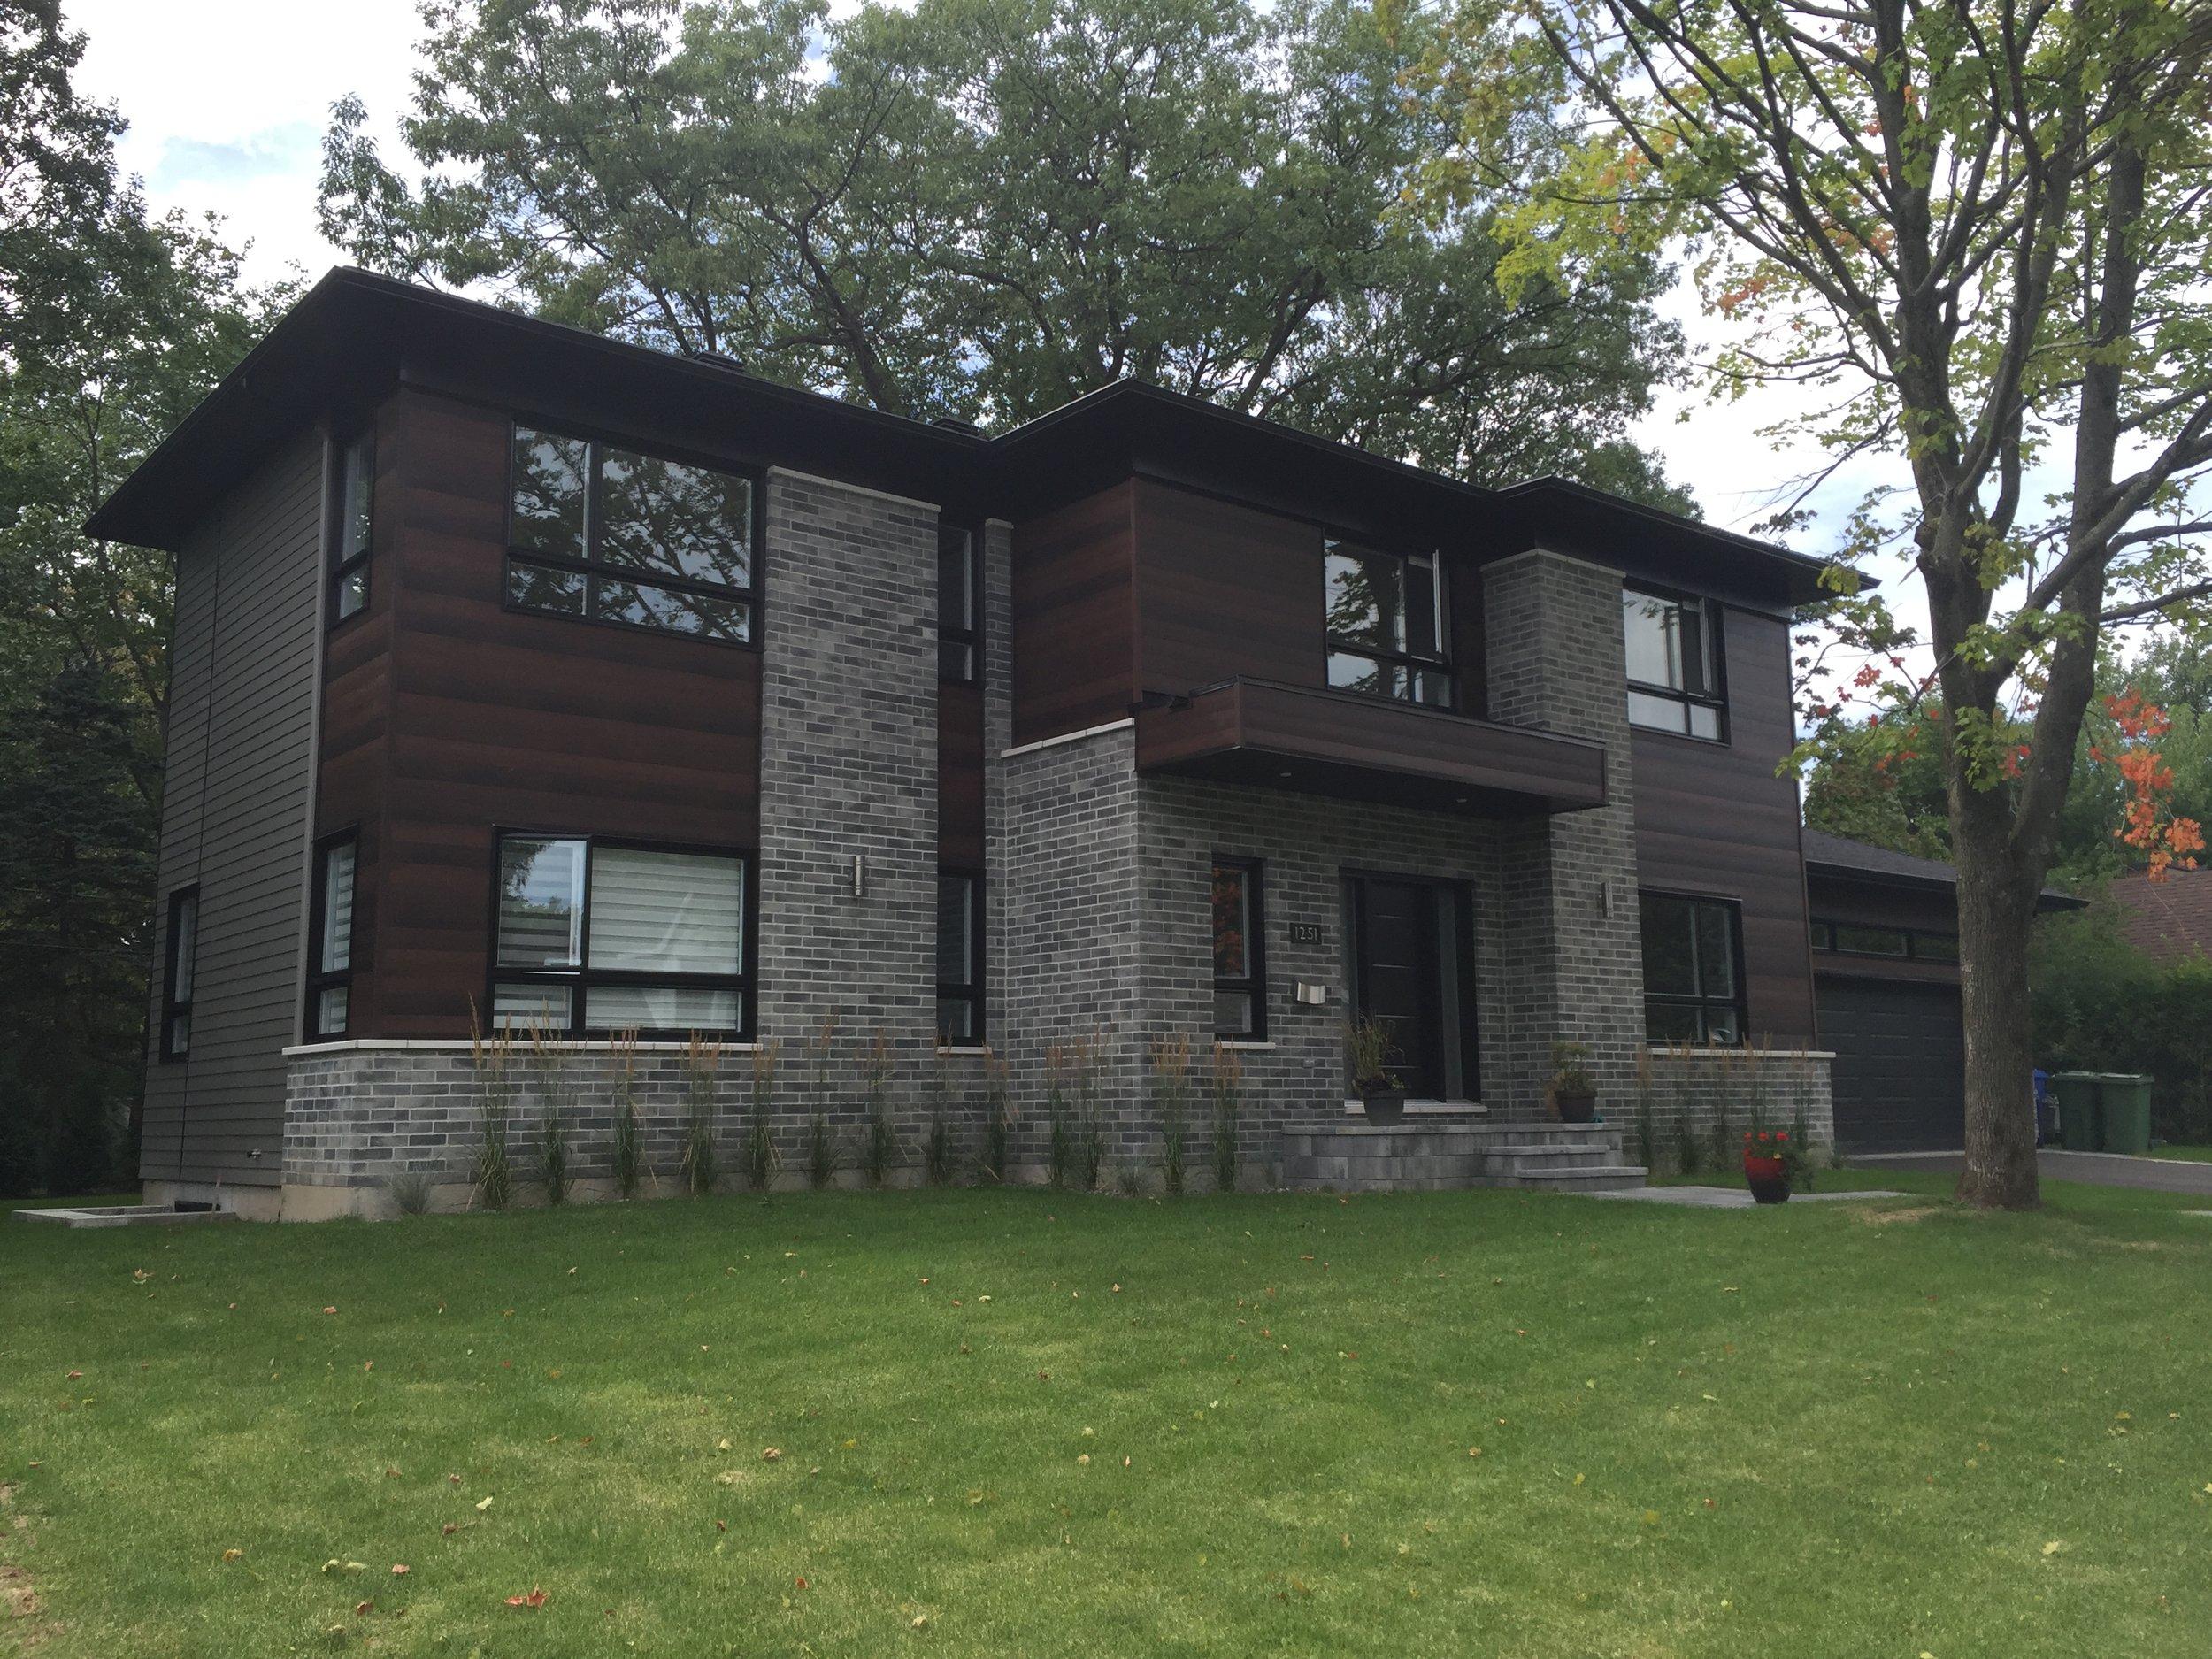 Cottage de style contemporain avec garage double - Sillery